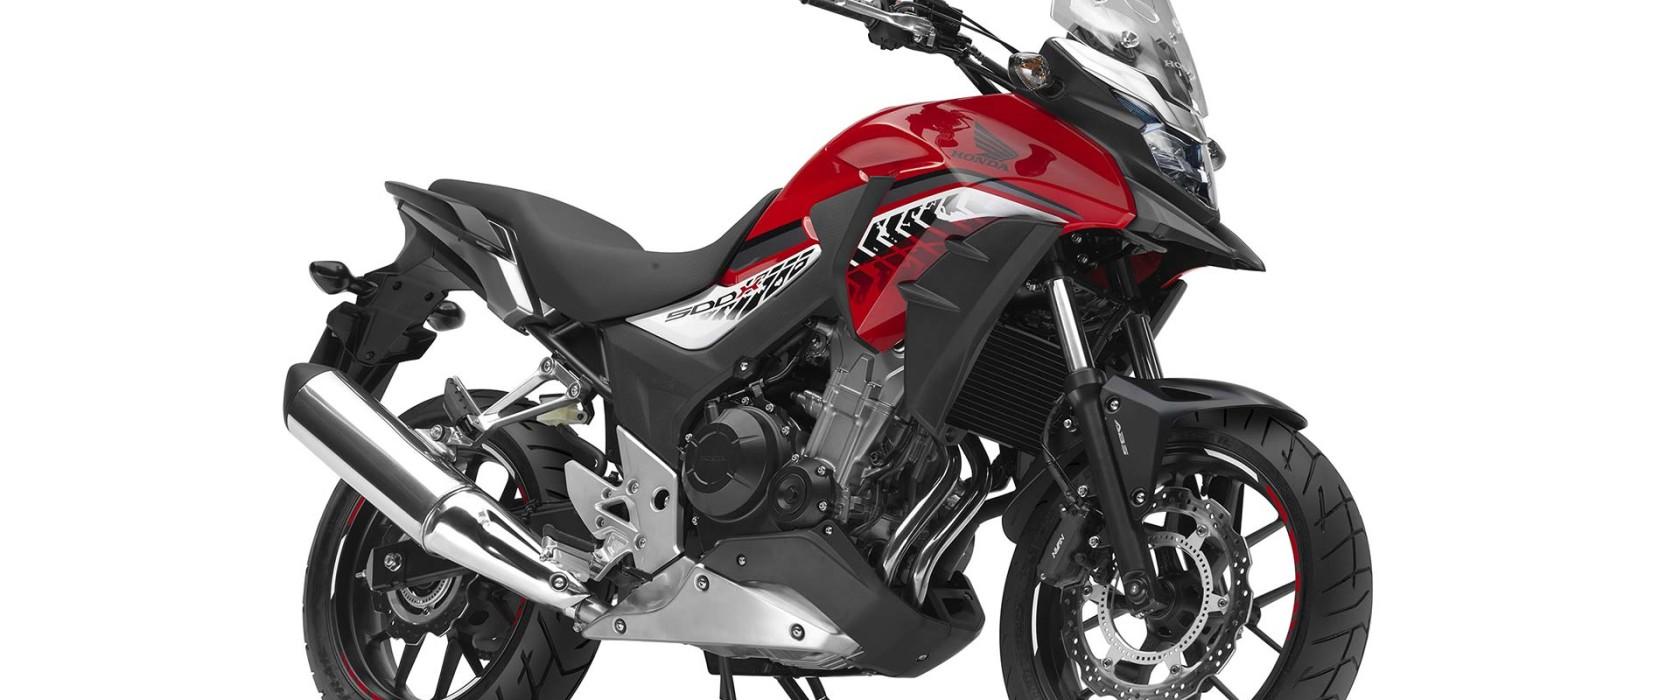 HondaCB500X-001